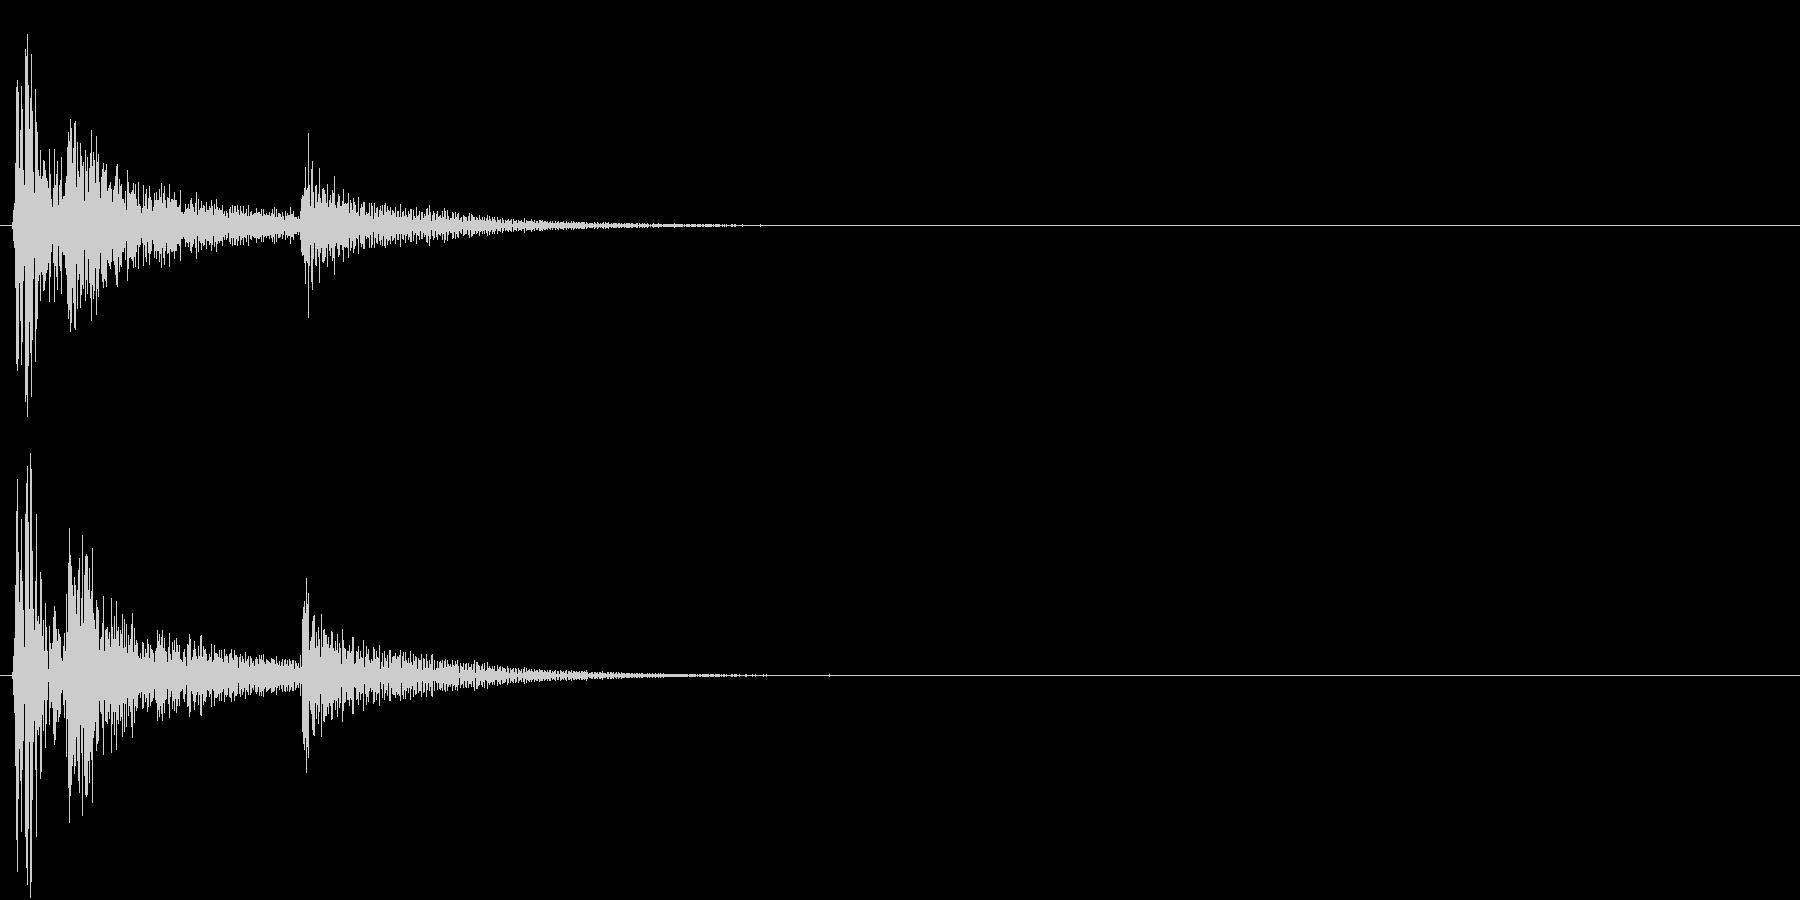 【生録音】お茶碗に箸が当たる音 単発 2の未再生の波形